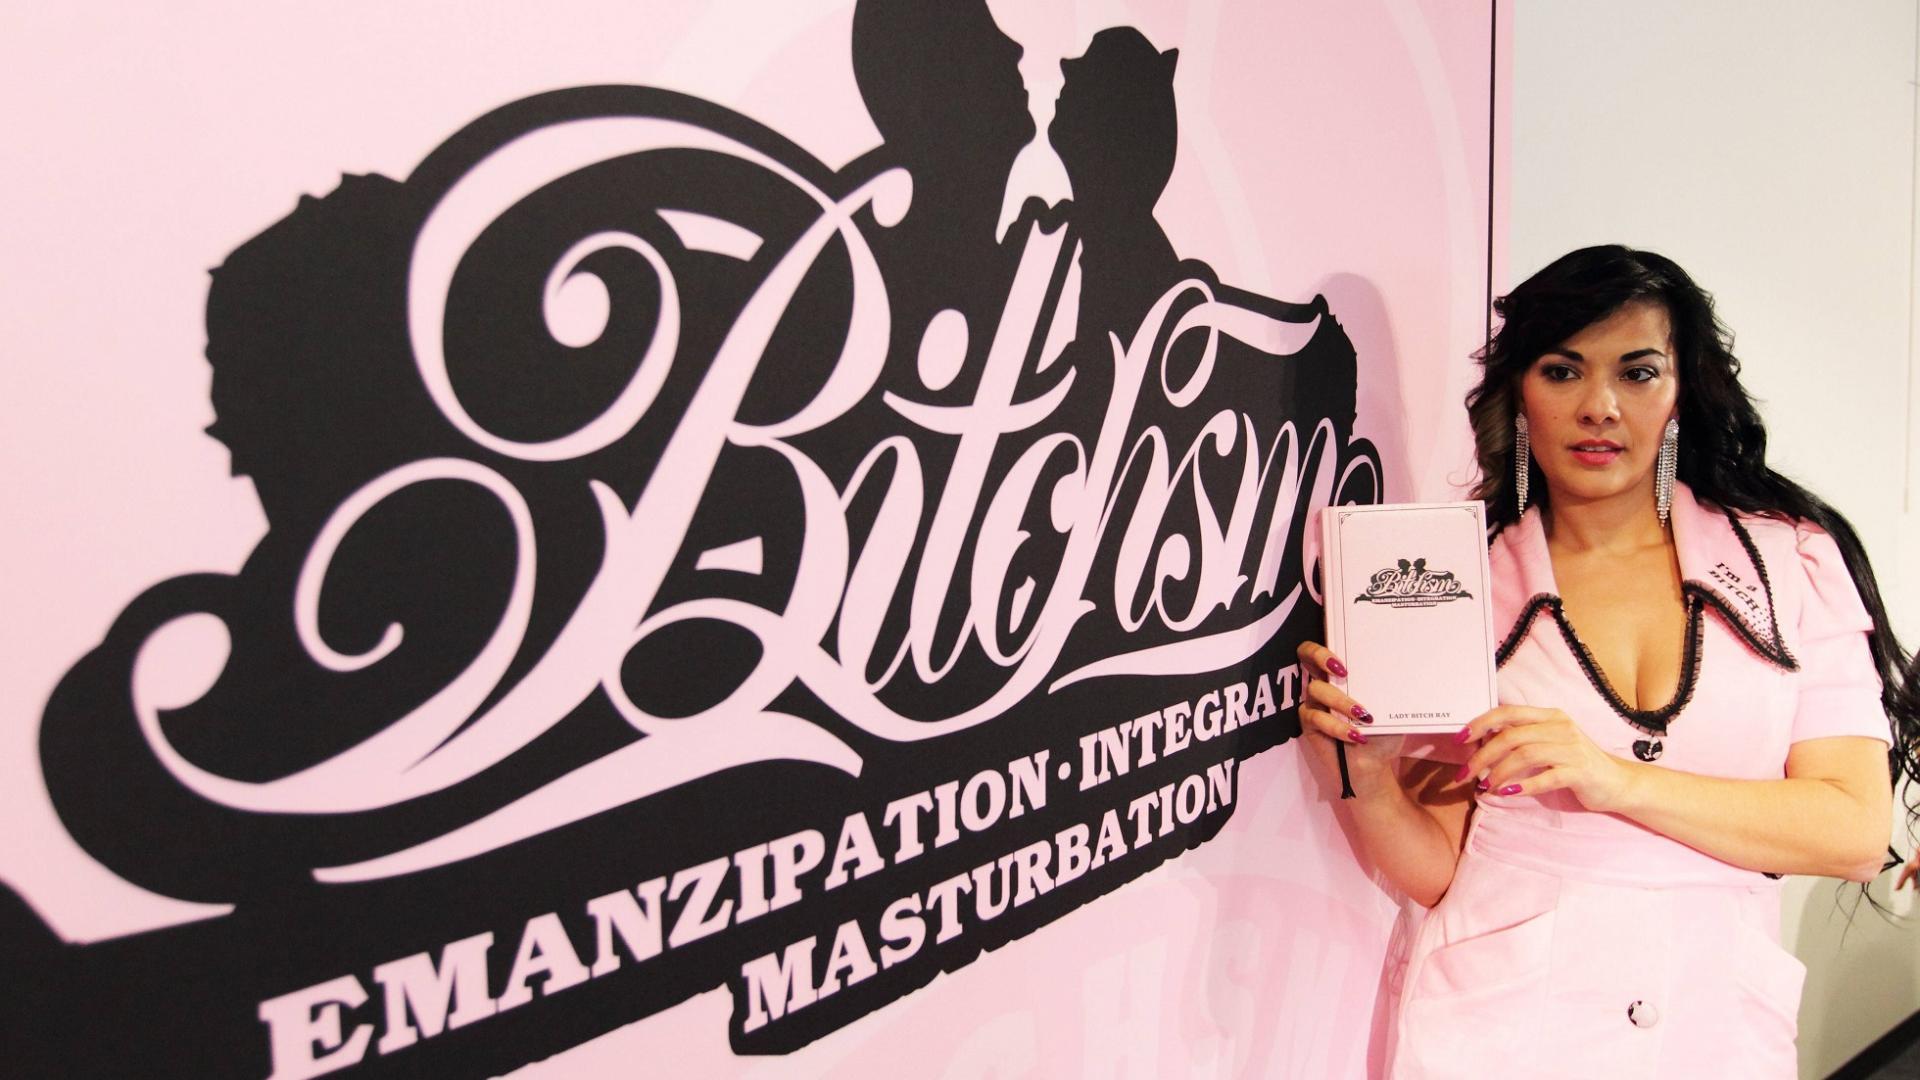 Frau mit schwarzen Haaren im rosafarbenen Kleid vor rosafarbener Wand mit rosafarbenen Buch in der Hand